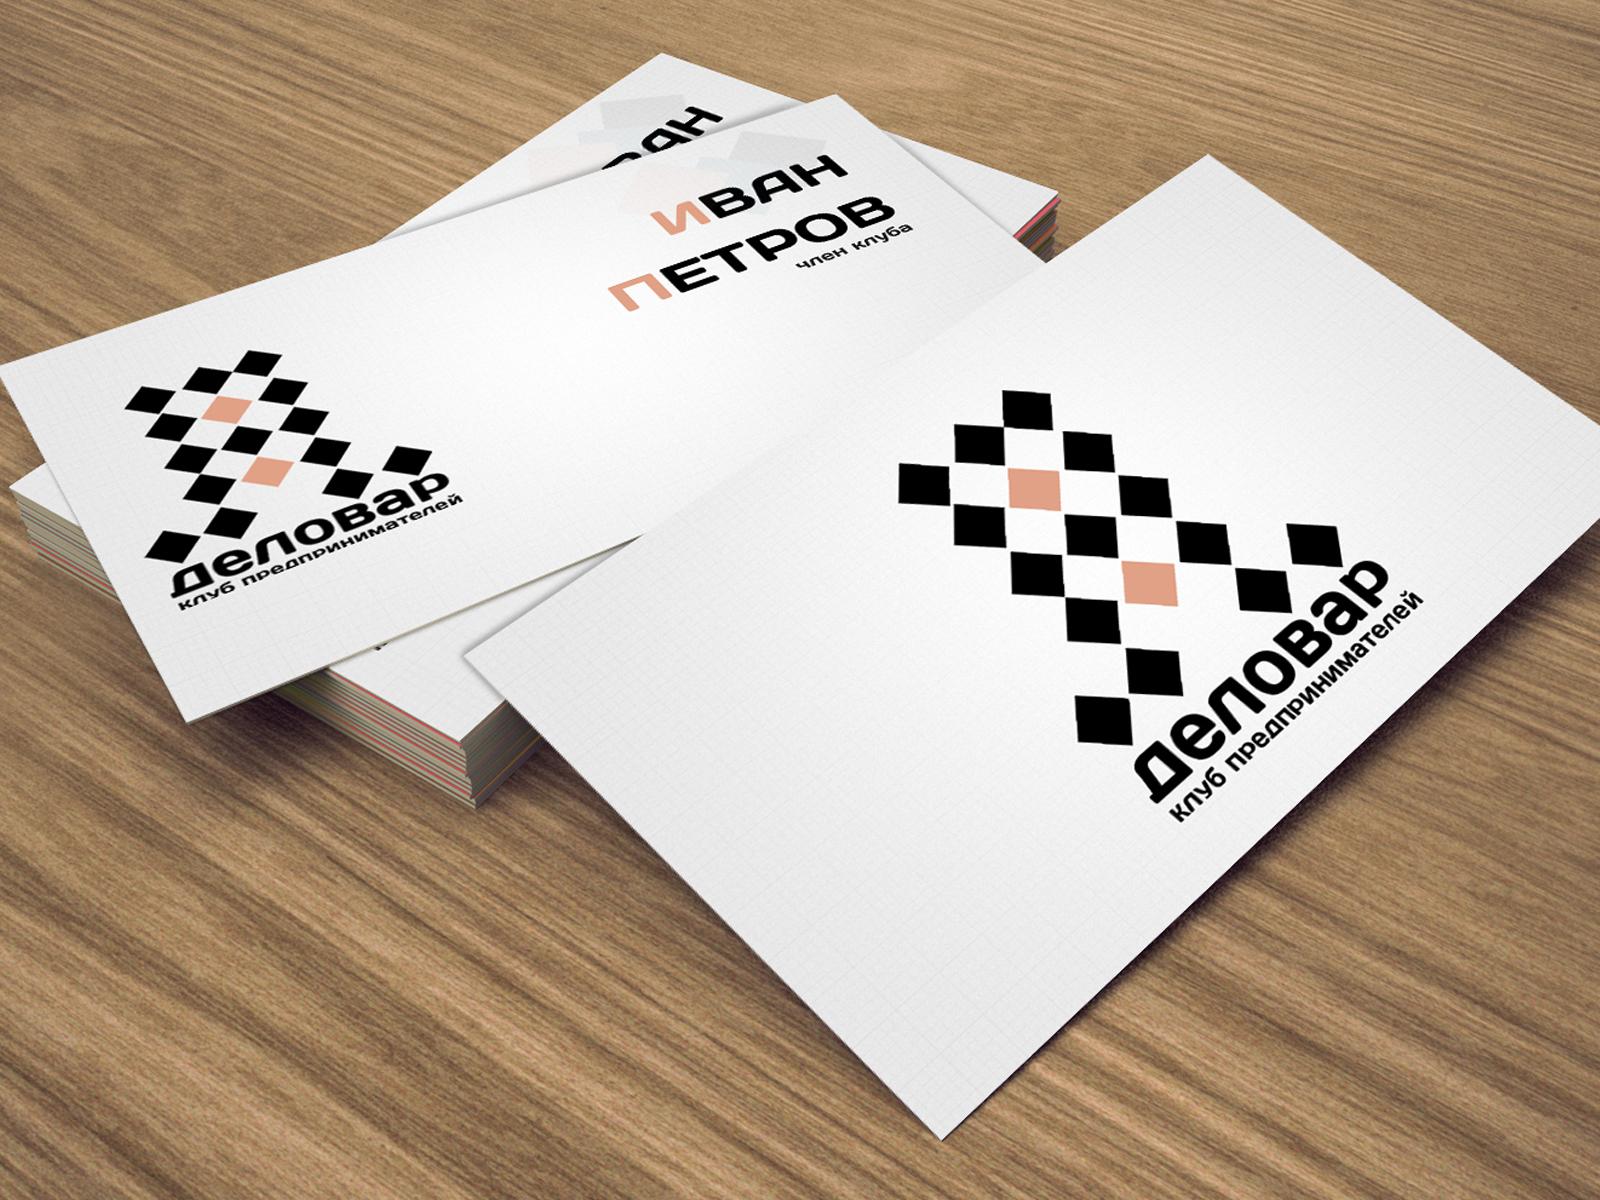 """Логотип и фирм. стиль для Клуба предпринимателей """"Деловар"""" фото f_5044907192b9d.jpg"""